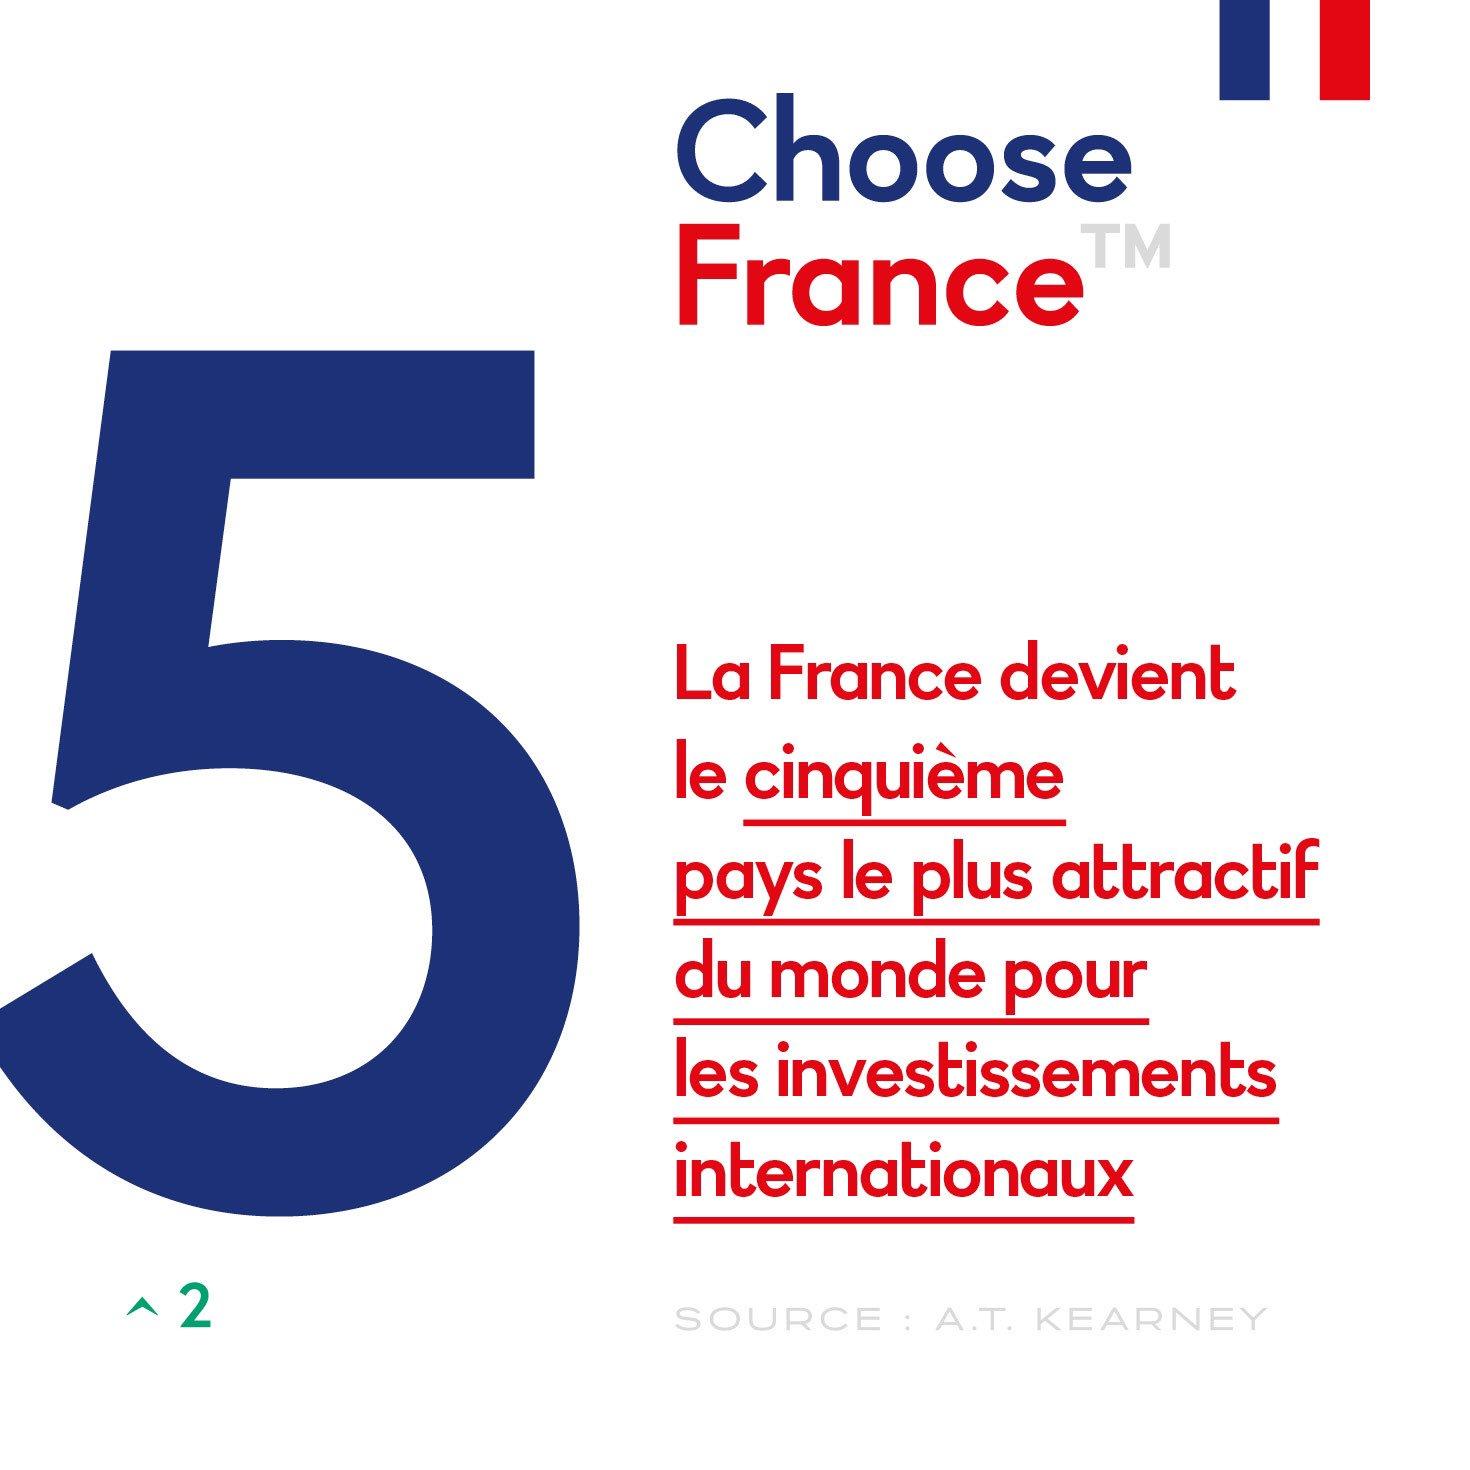 La France, désormais 5e pays au monde le plus attractif pour les investissements internationaux